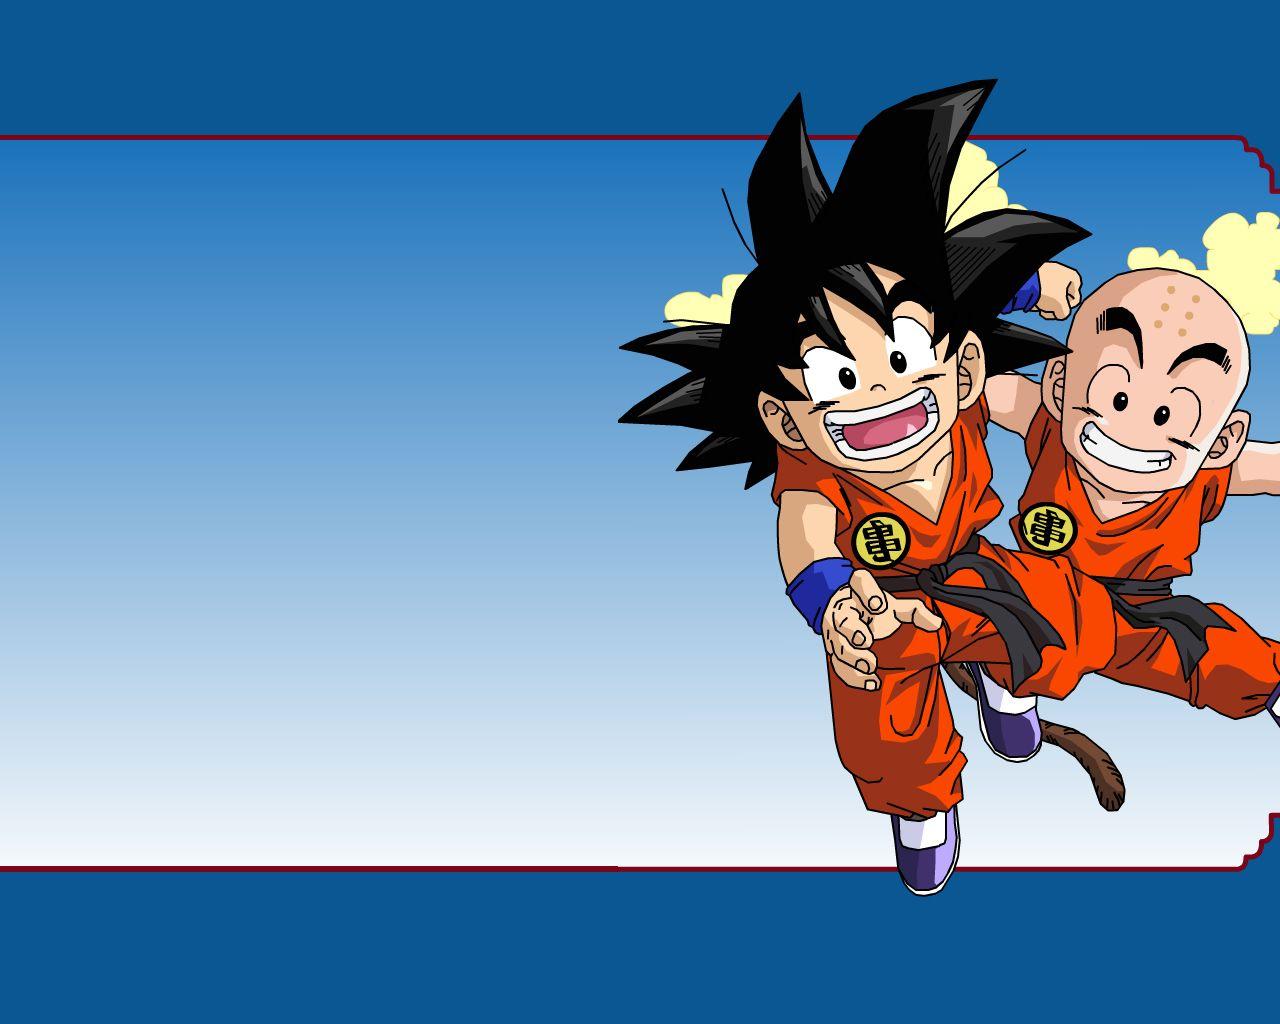 Goku Gt Wallpapers 1280x1024